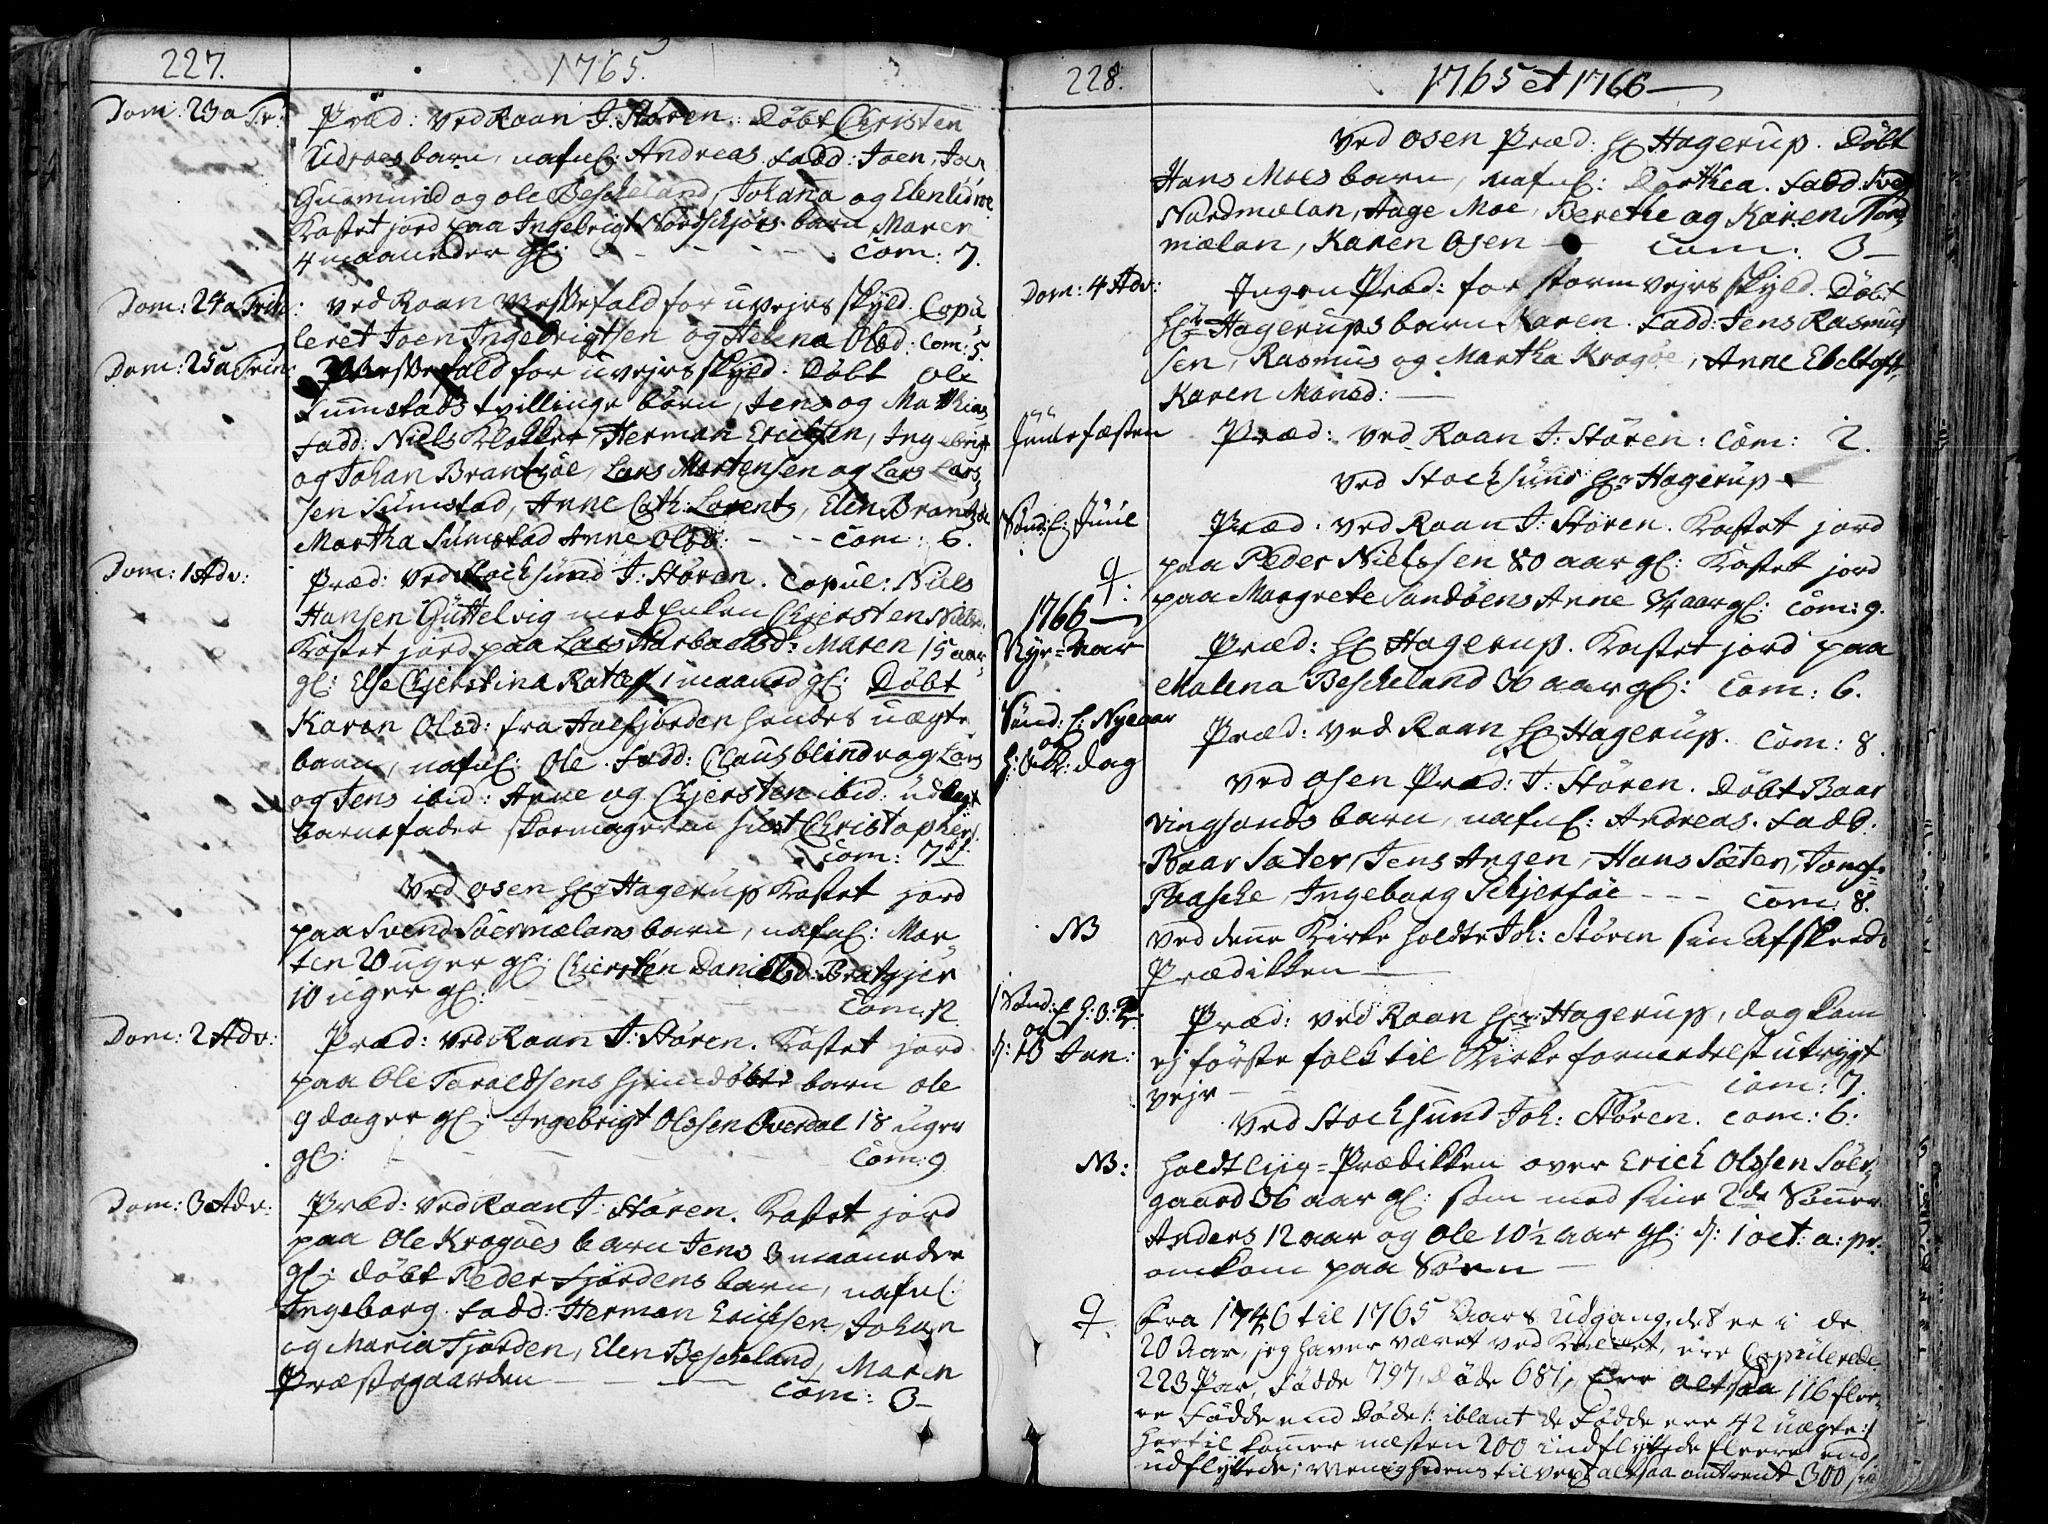 SAT, Ministerialprotokoller, klokkerbøker og fødselsregistre - Sør-Trøndelag, 657/L0700: Ministerialbok nr. 657A01, 1732-1801, s. 227-228